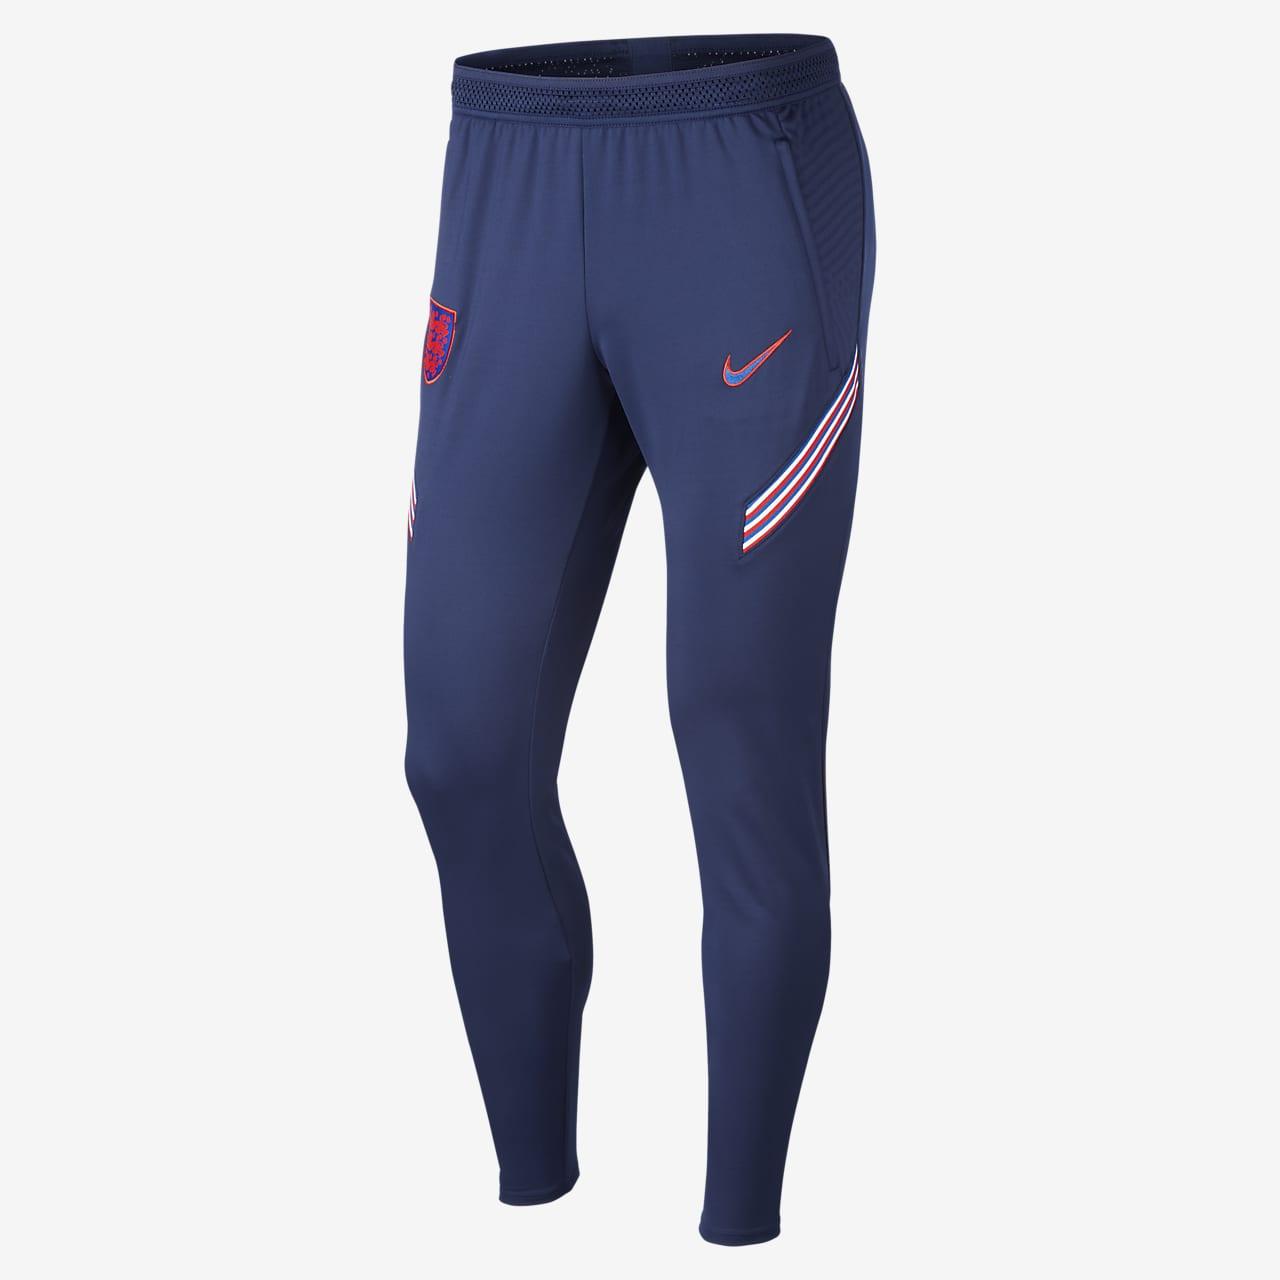 Strike Anglaterra Pantalons de futbol - Home